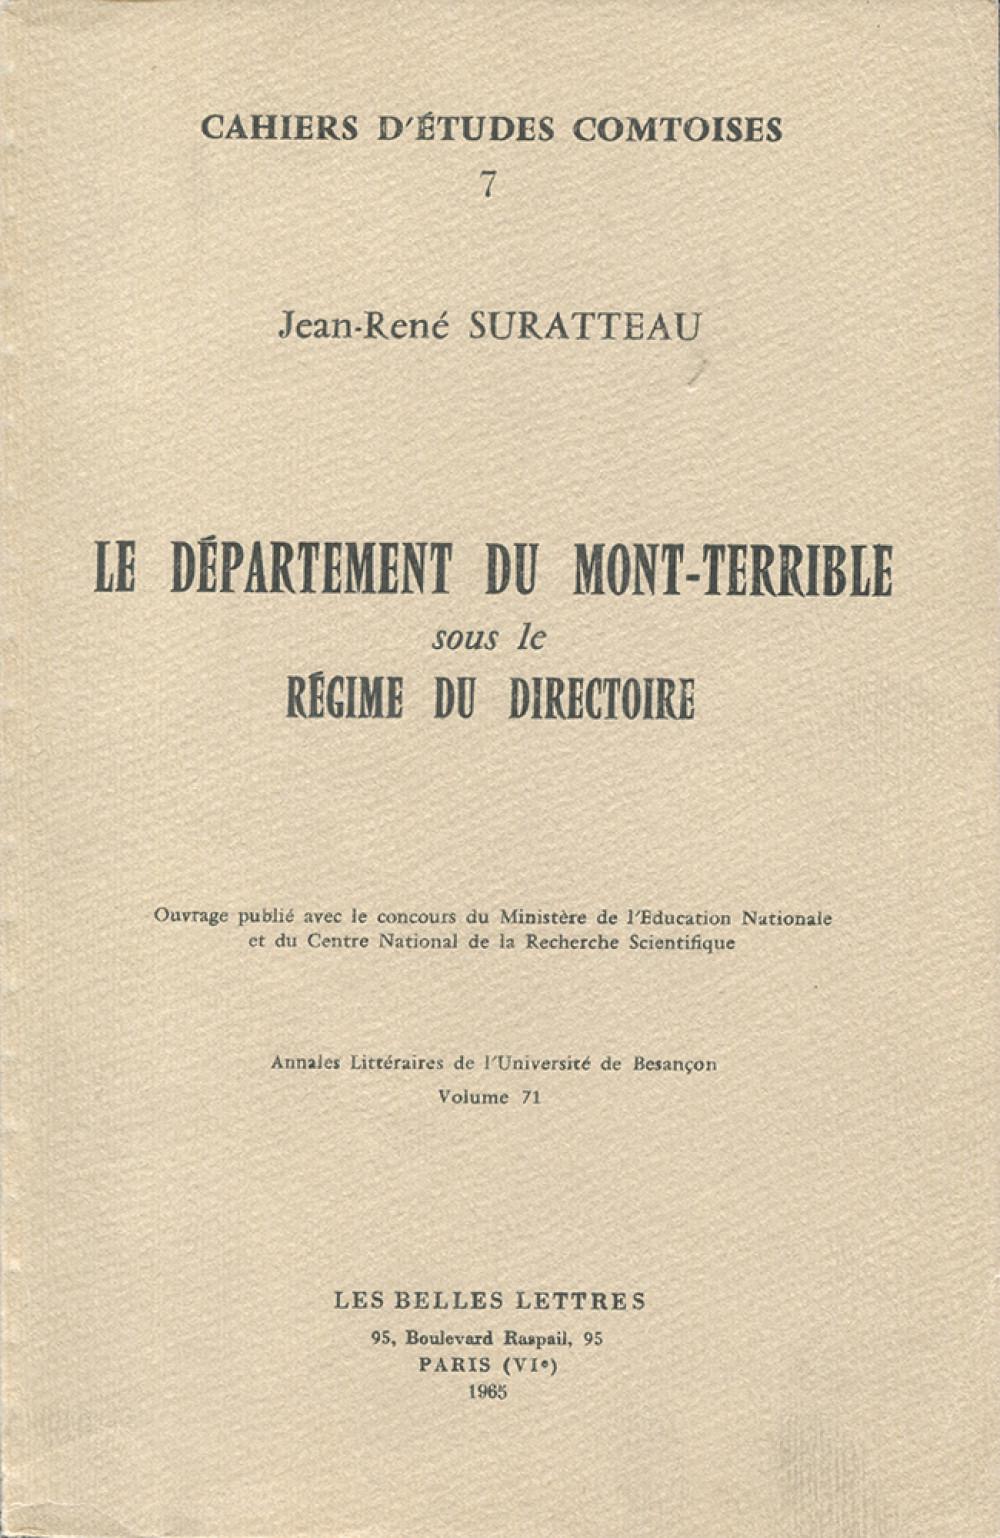 Le Département du Mont-Terrible sous le régime du Directoire (1795-1800)